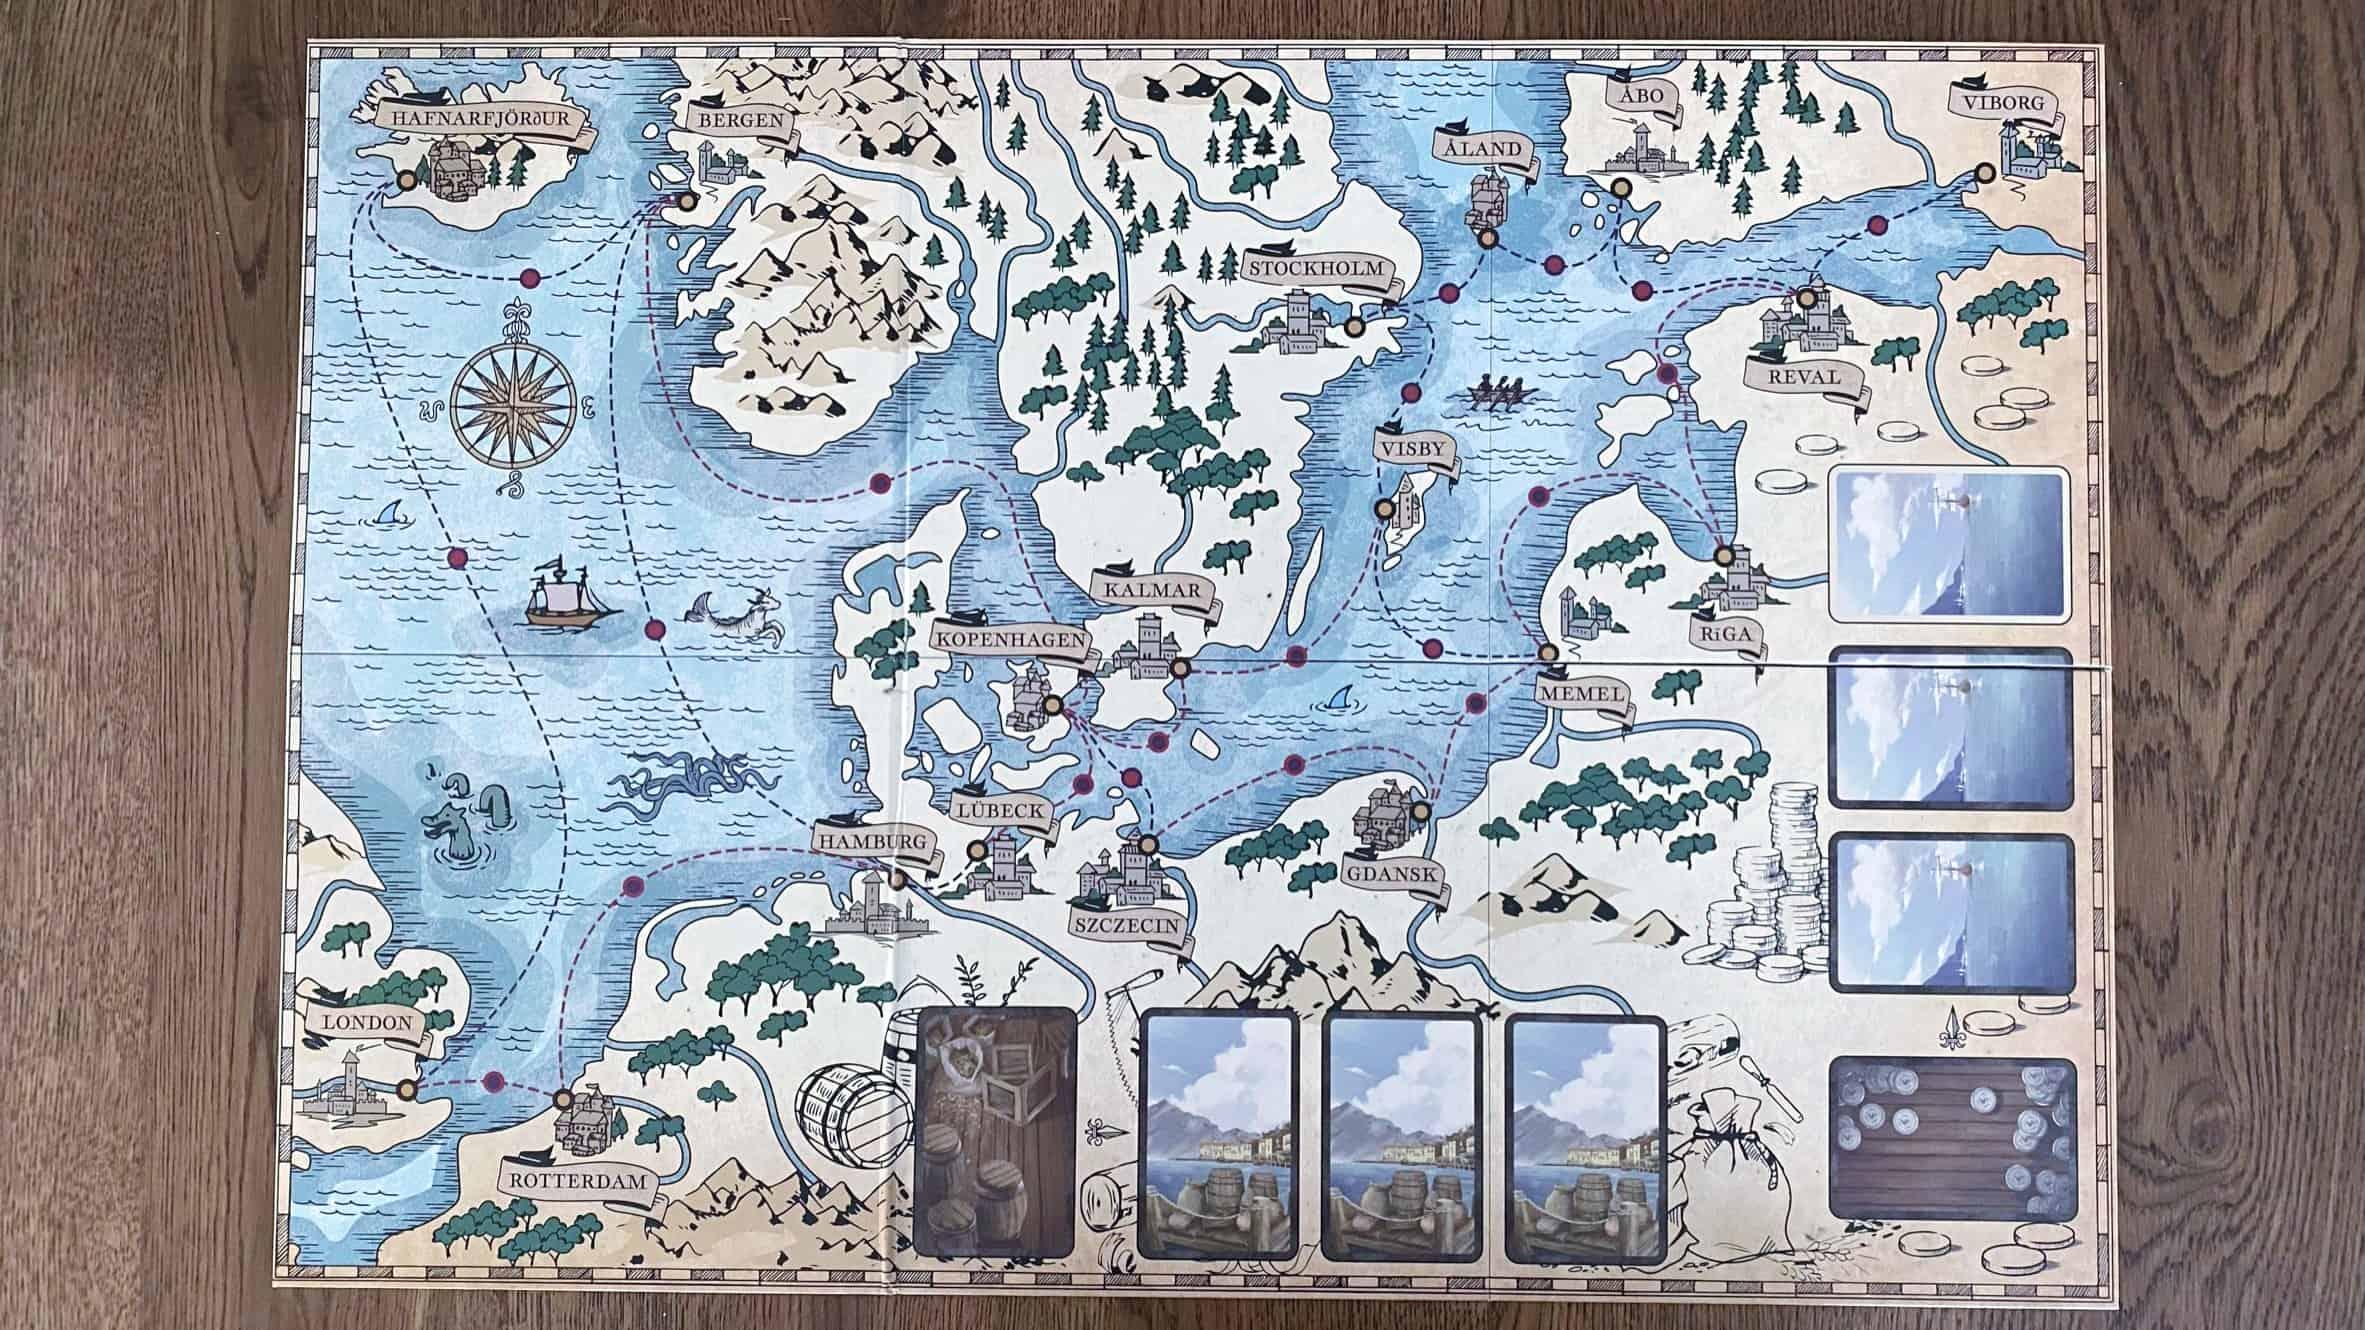 Seas of Fortunen pelilauta